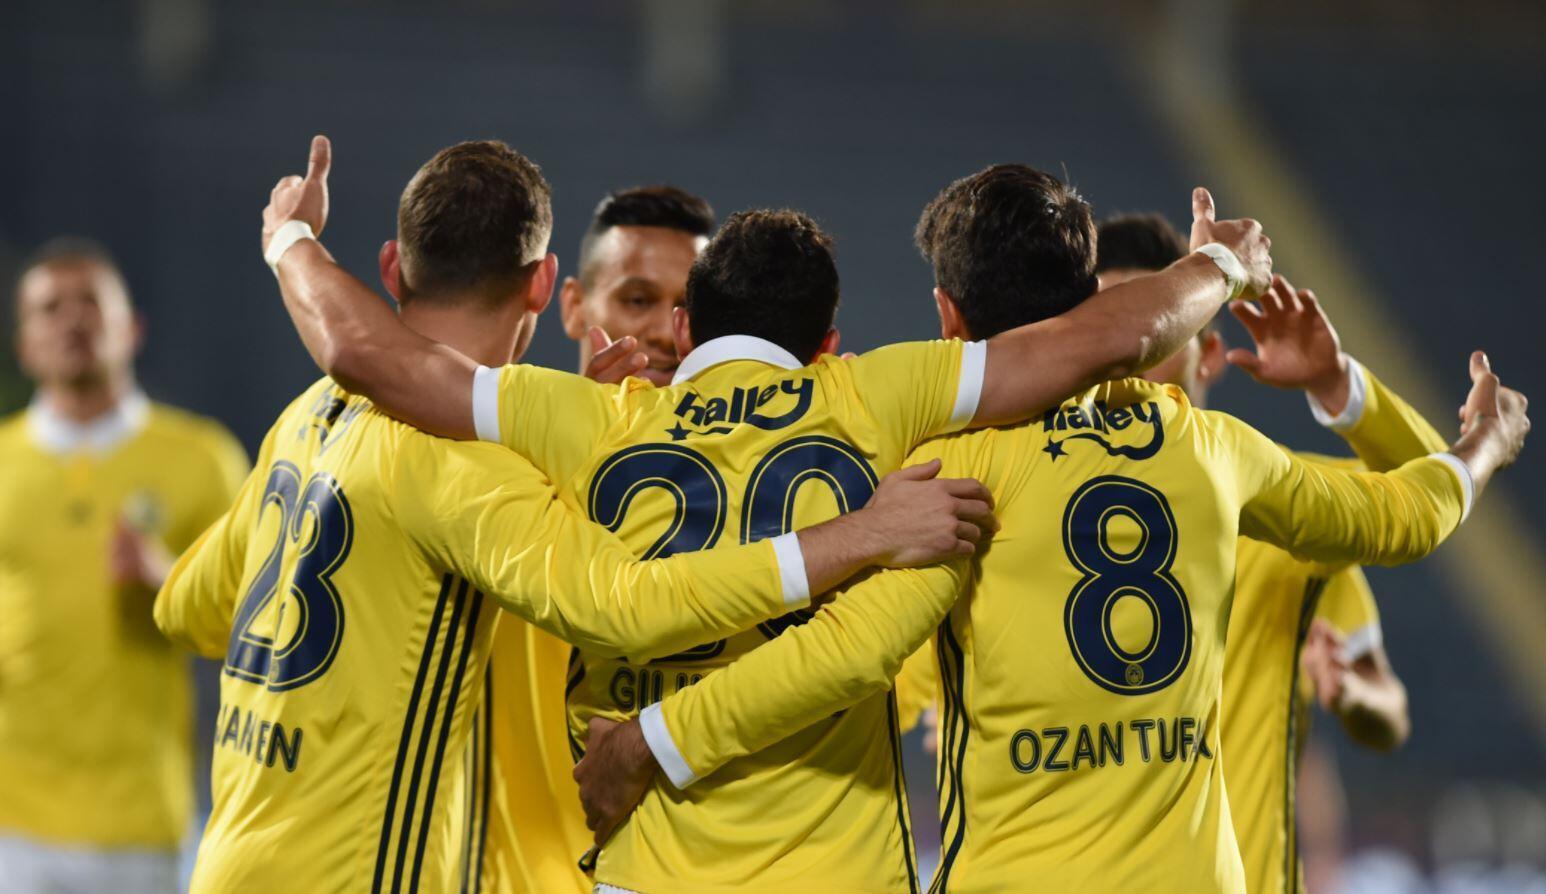 Fenerbahçe Opete Bulgar smaçör 36